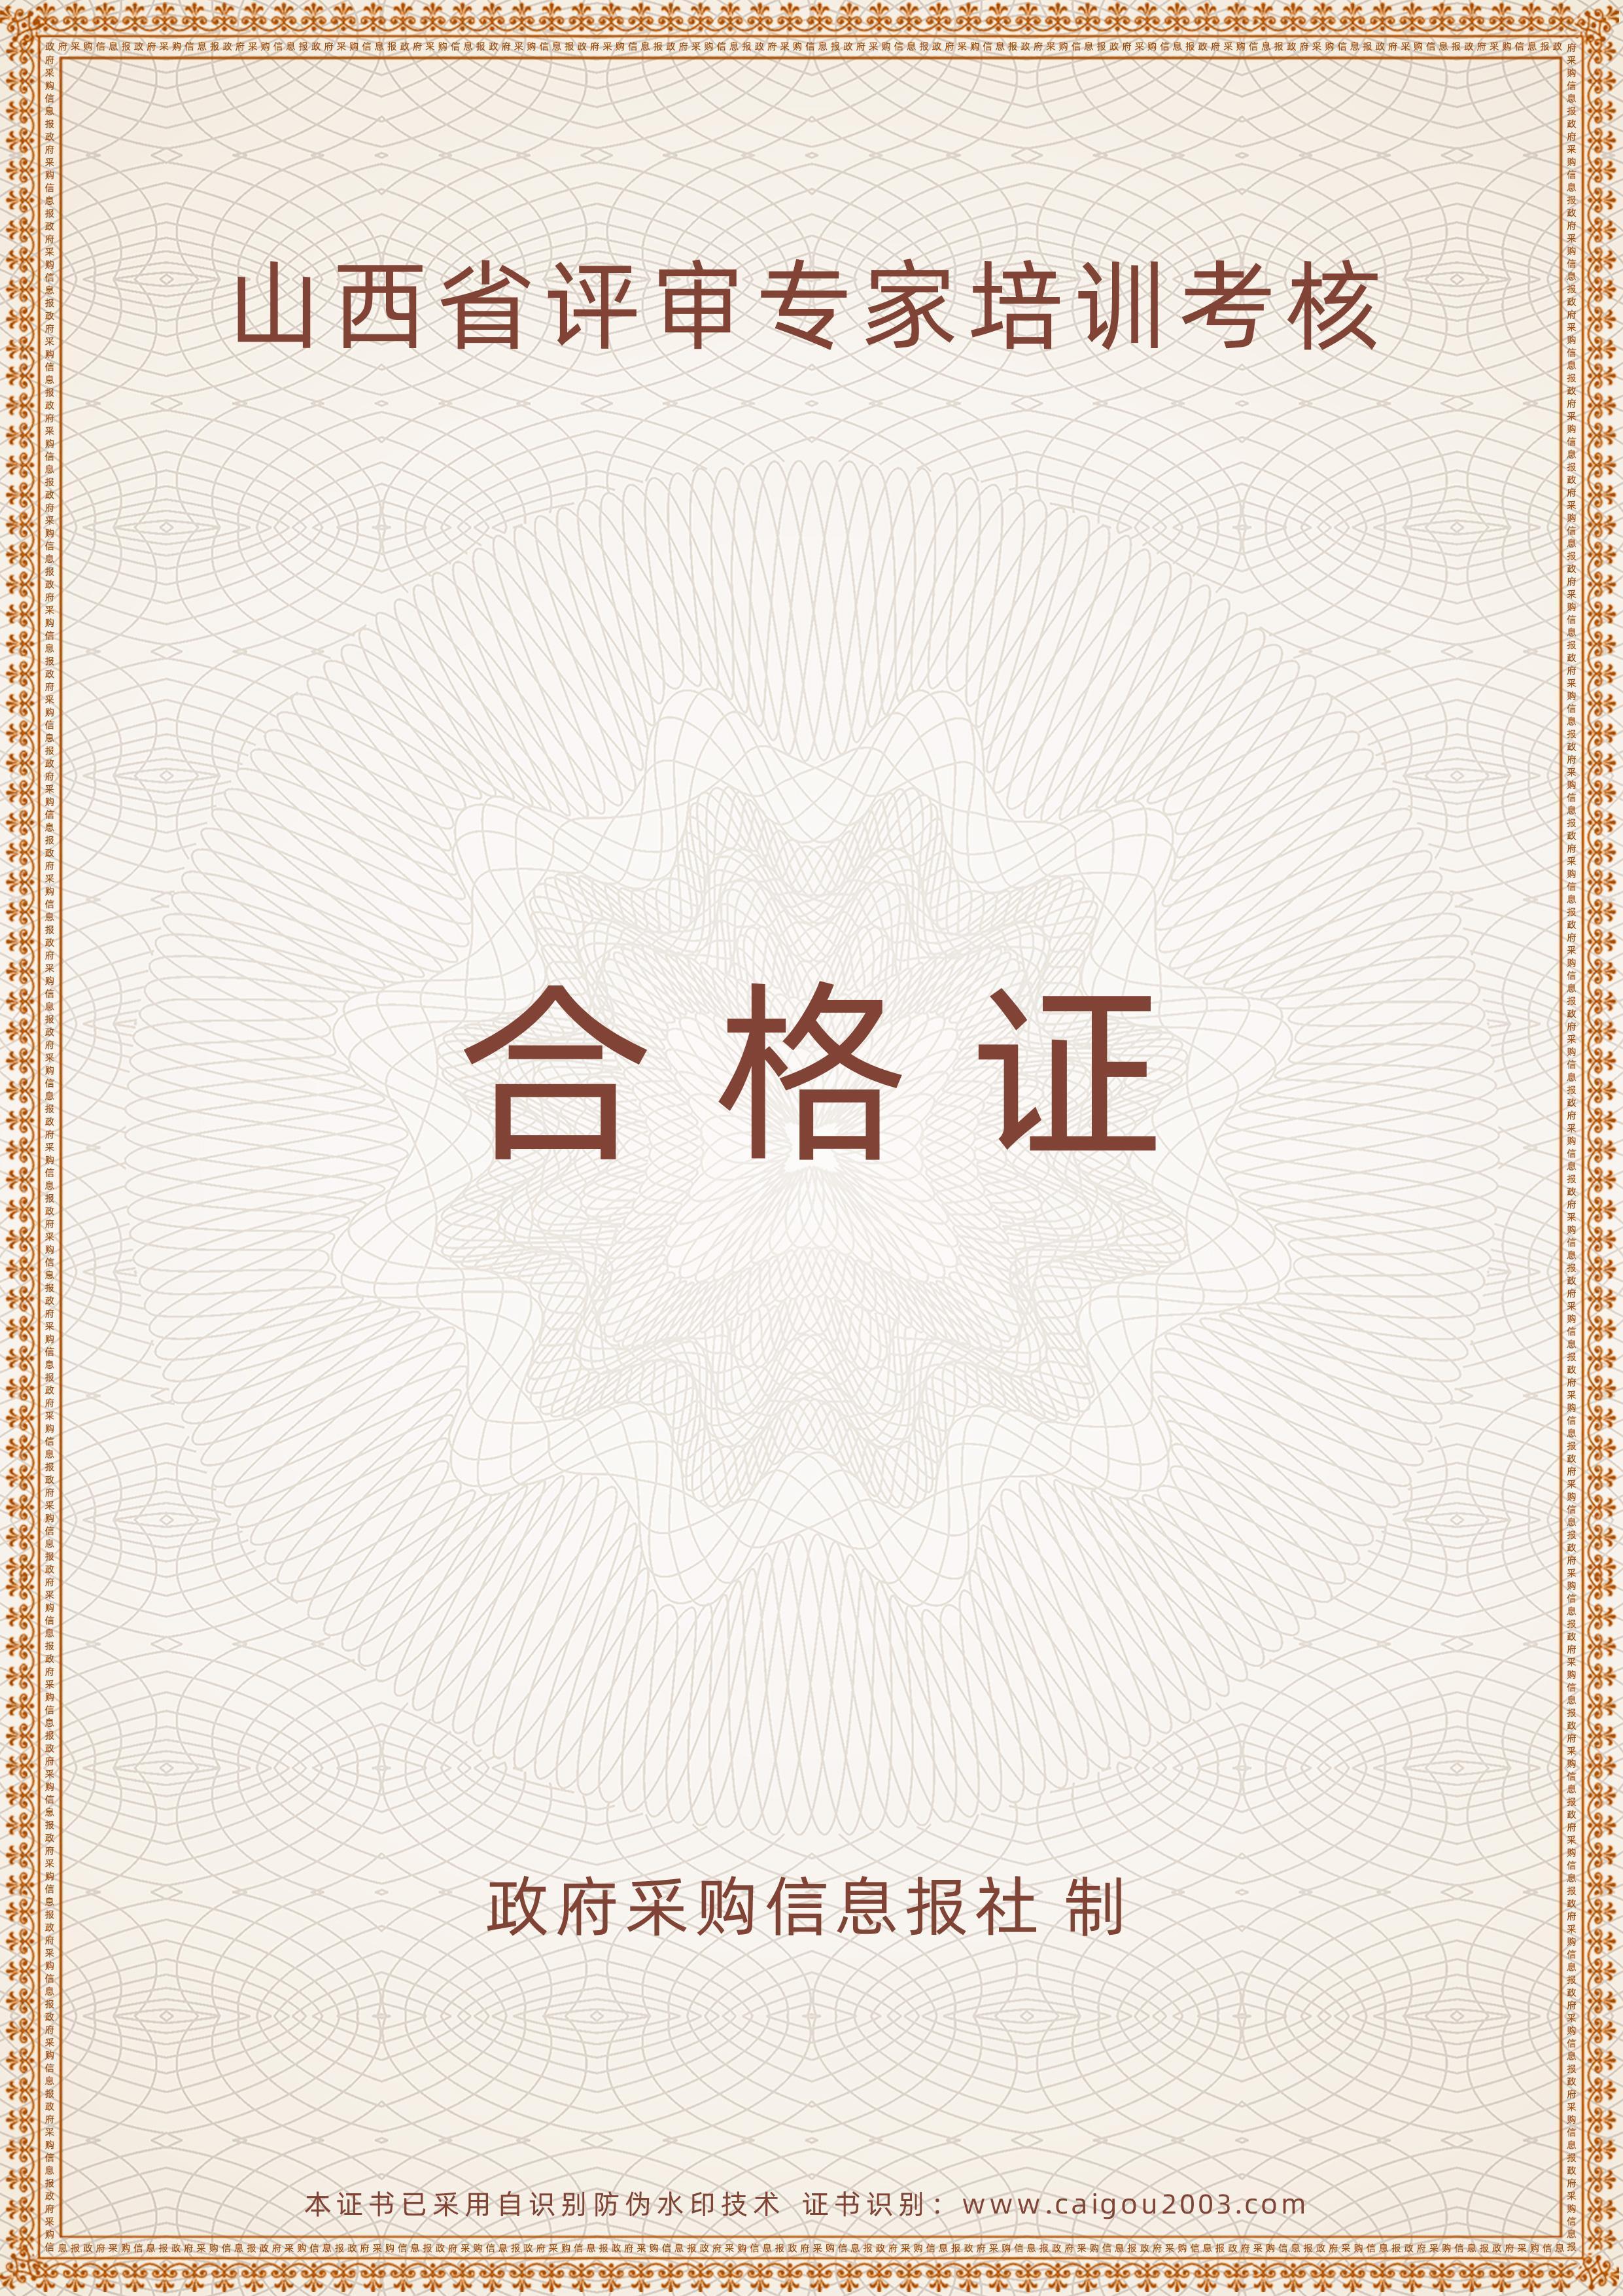 山西省评审专家培训考核合格证